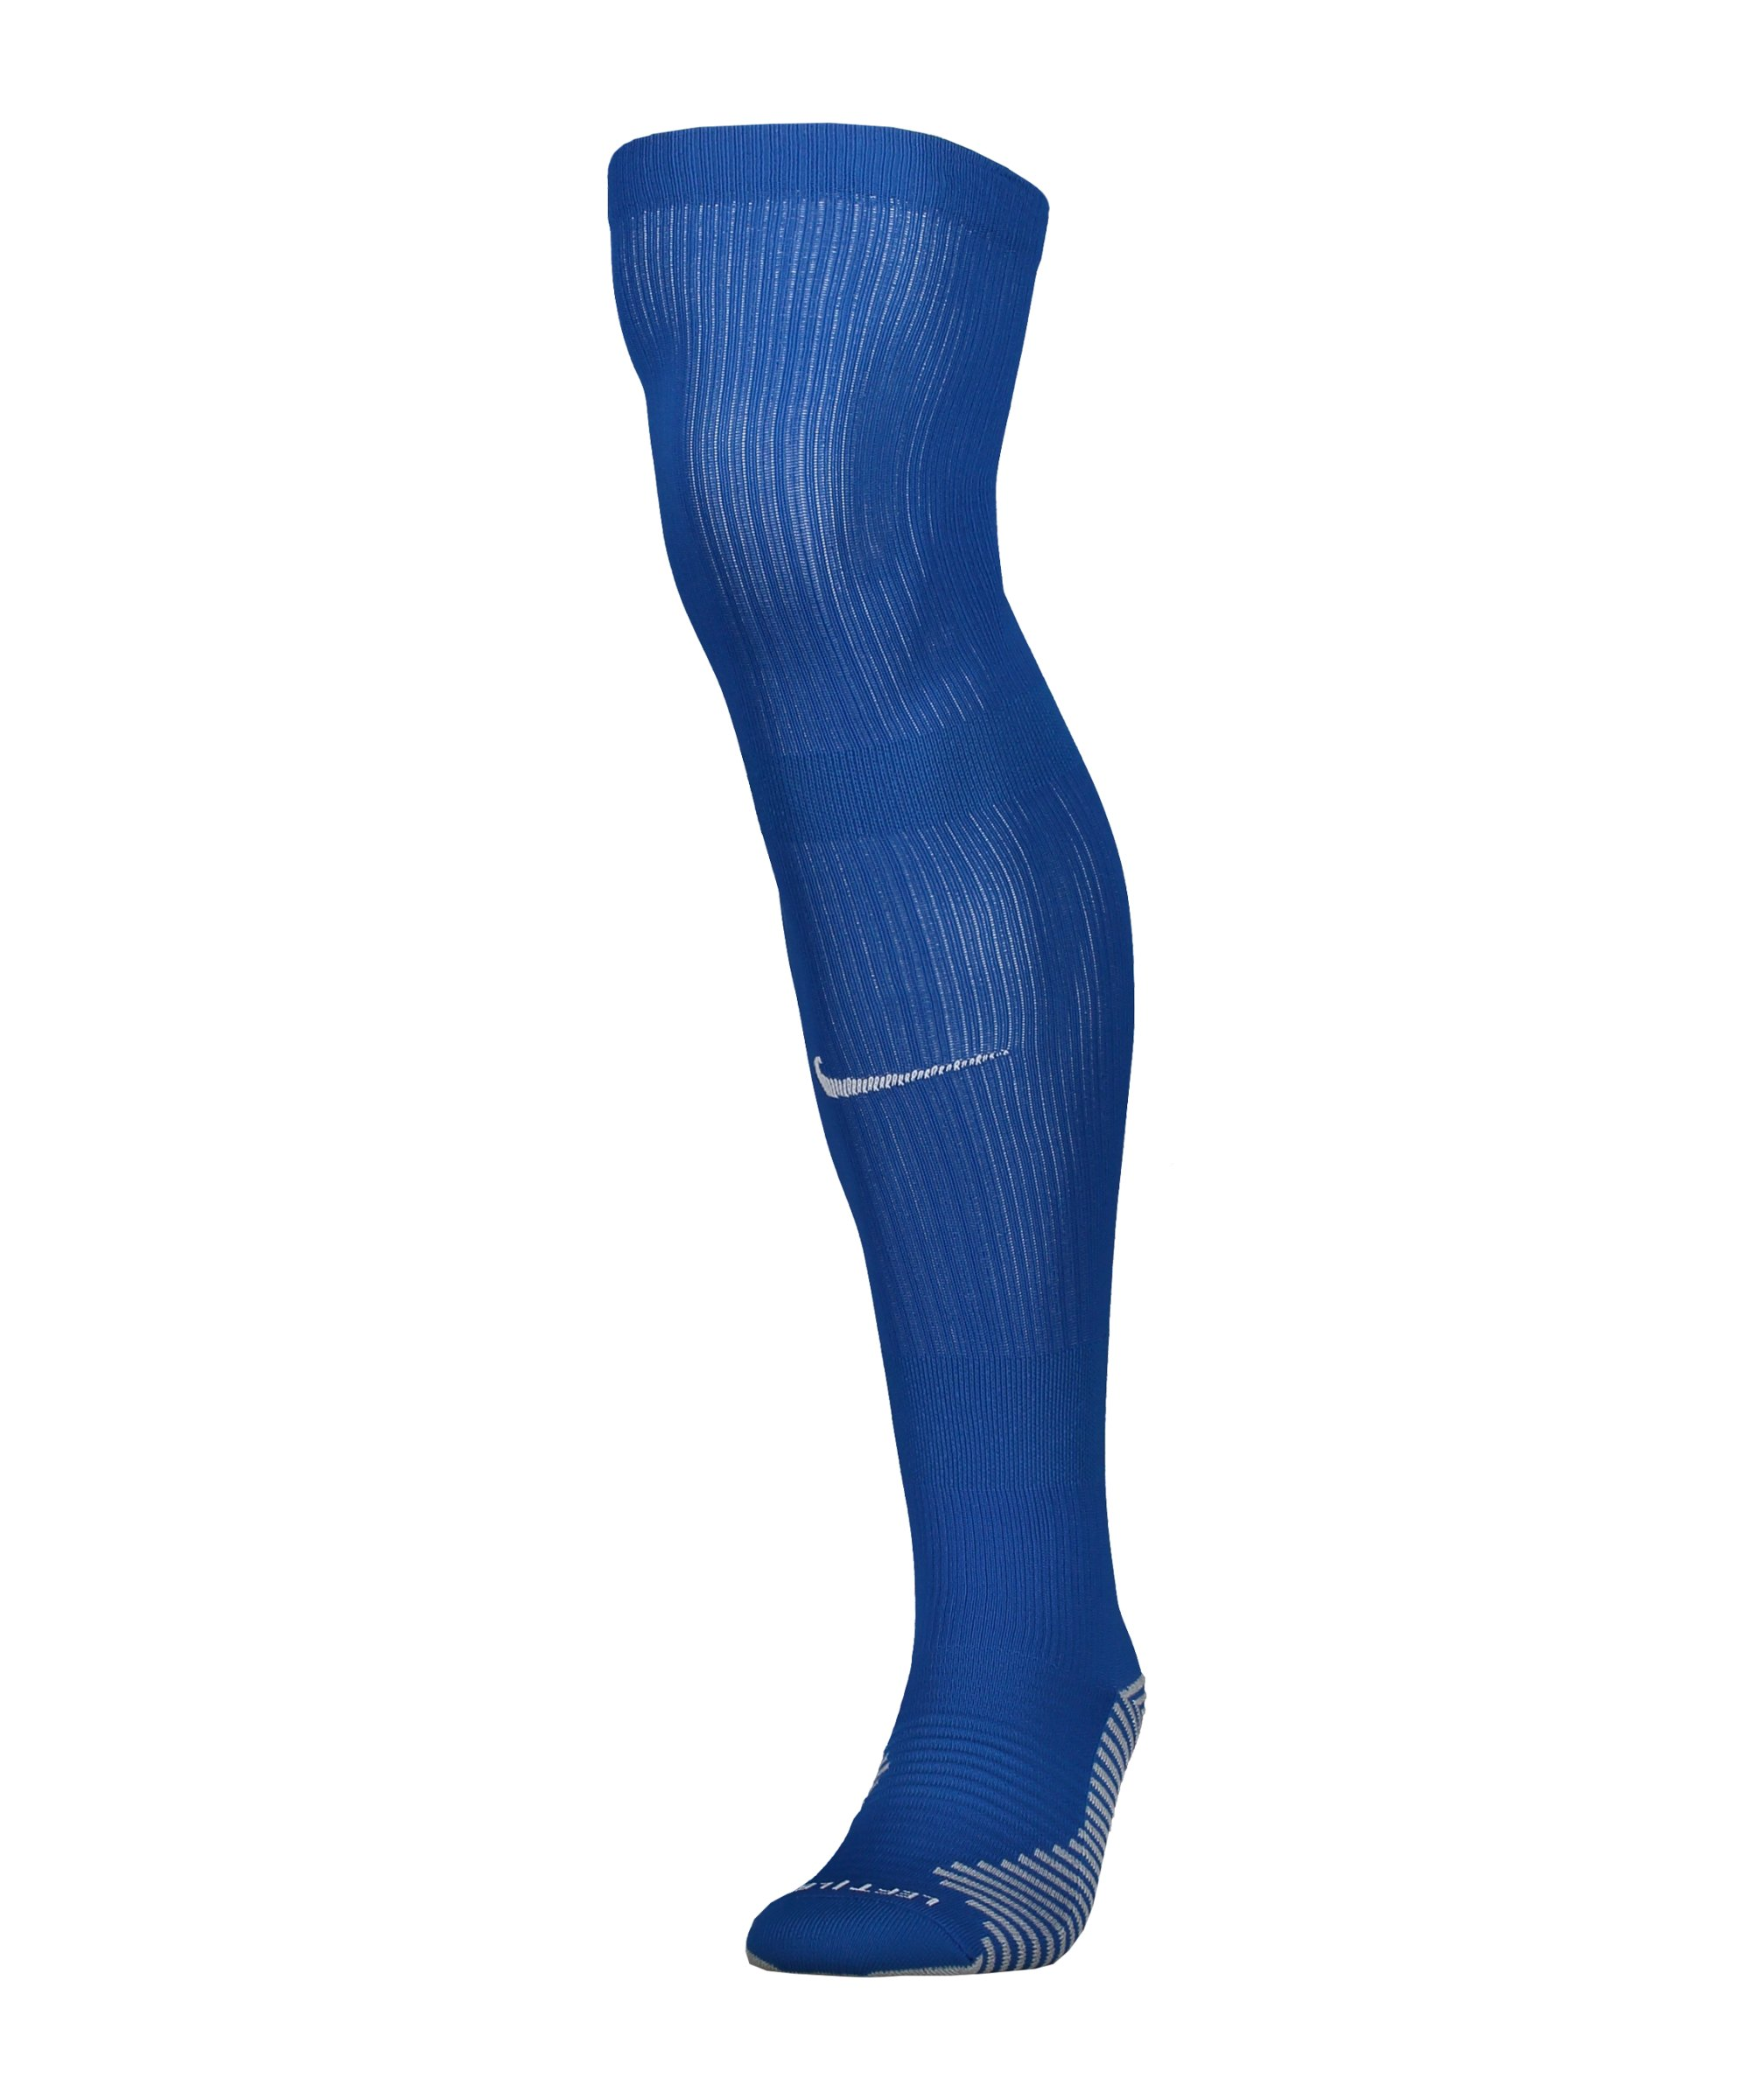 Nike Stadium TW-Strumpfstutzen Blau F455 - blau